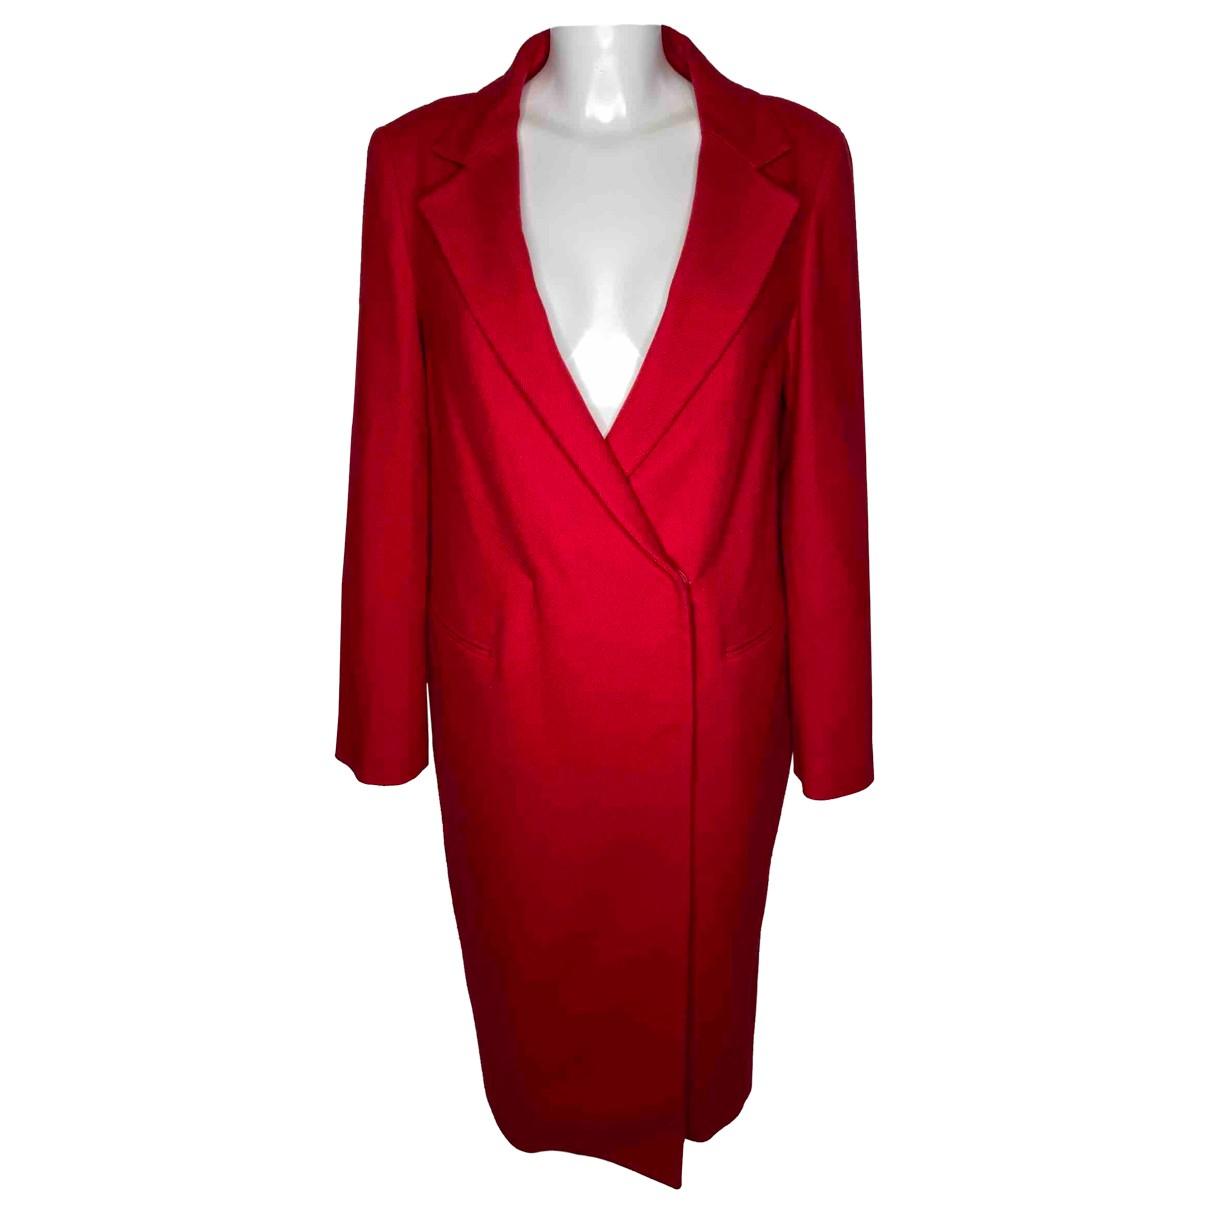 Lanvin \N Red Wool coat for Women 36 IT